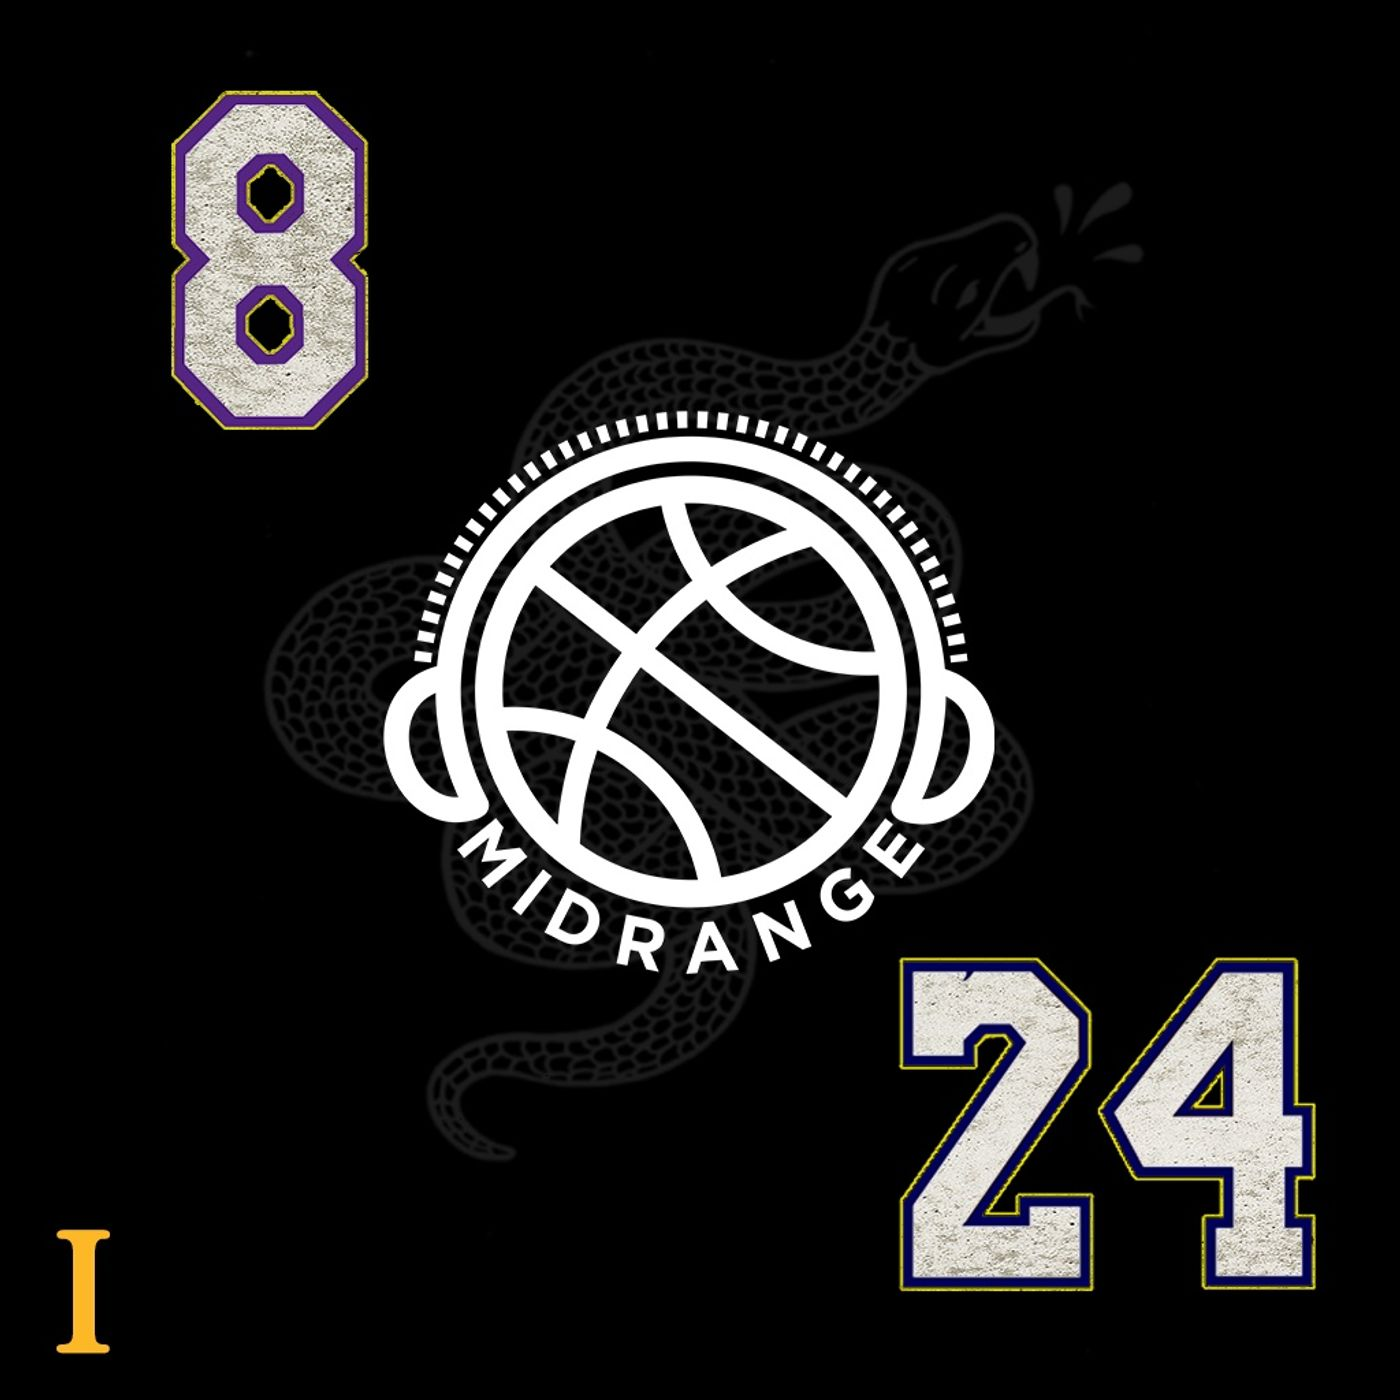 Midrange - Tributo per Kobe Bryant - Parte I